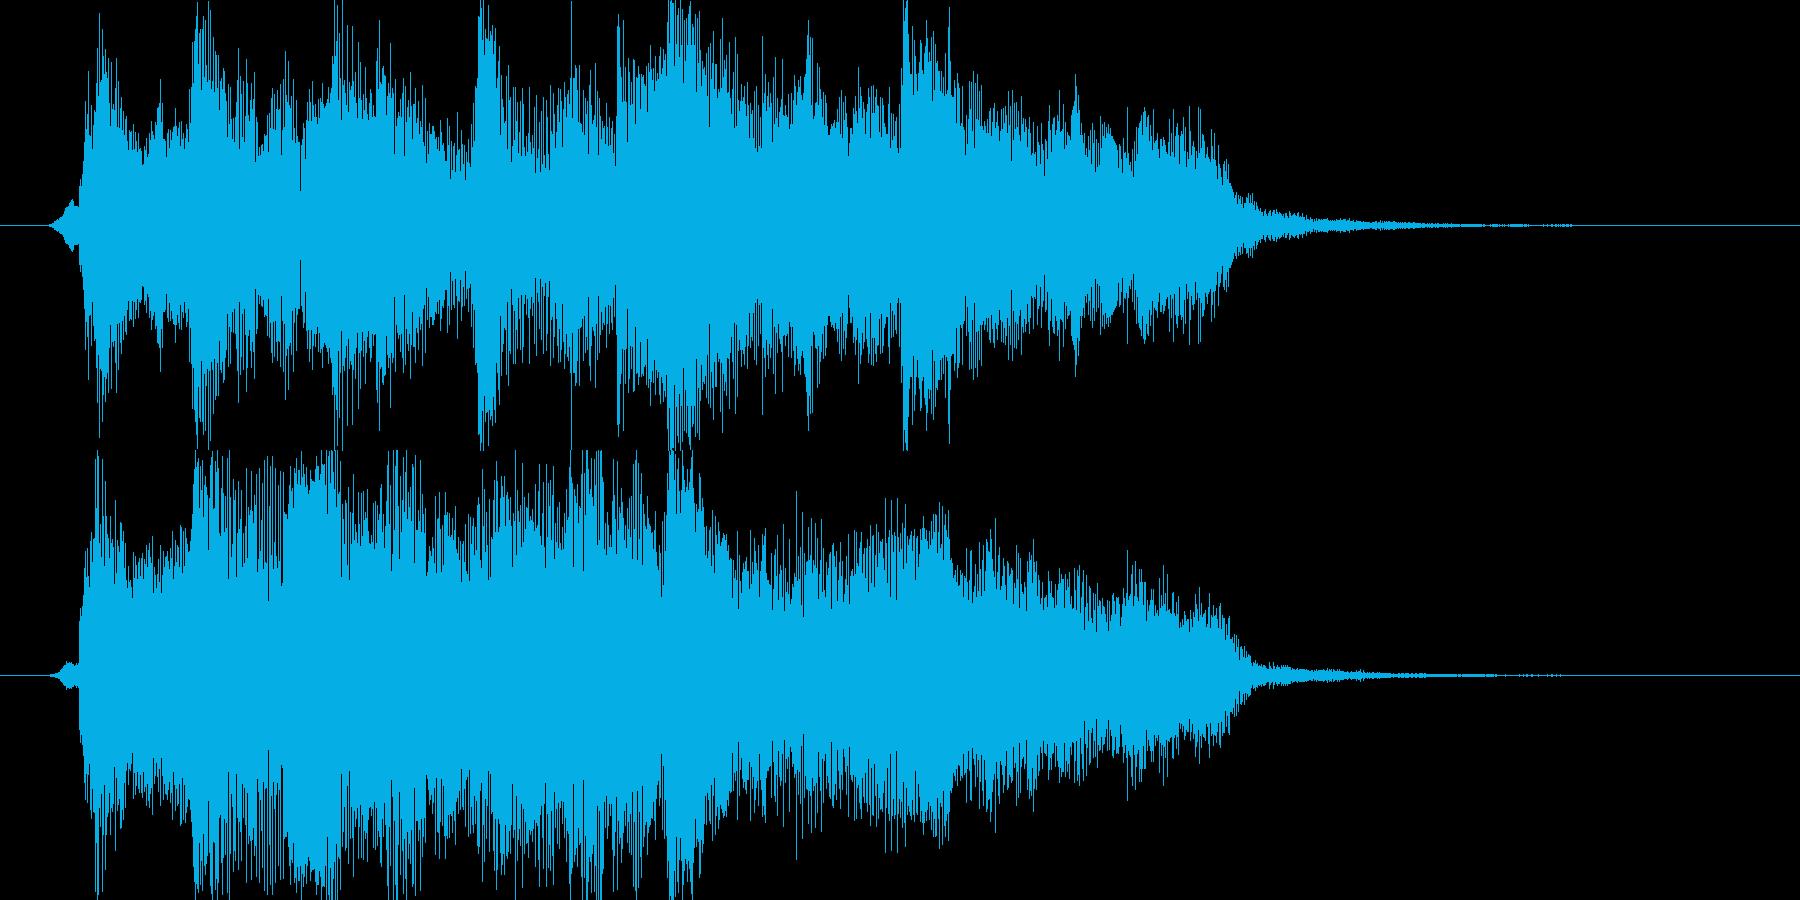 アニメのアイキャッチ風ジングル①の再生済みの波形